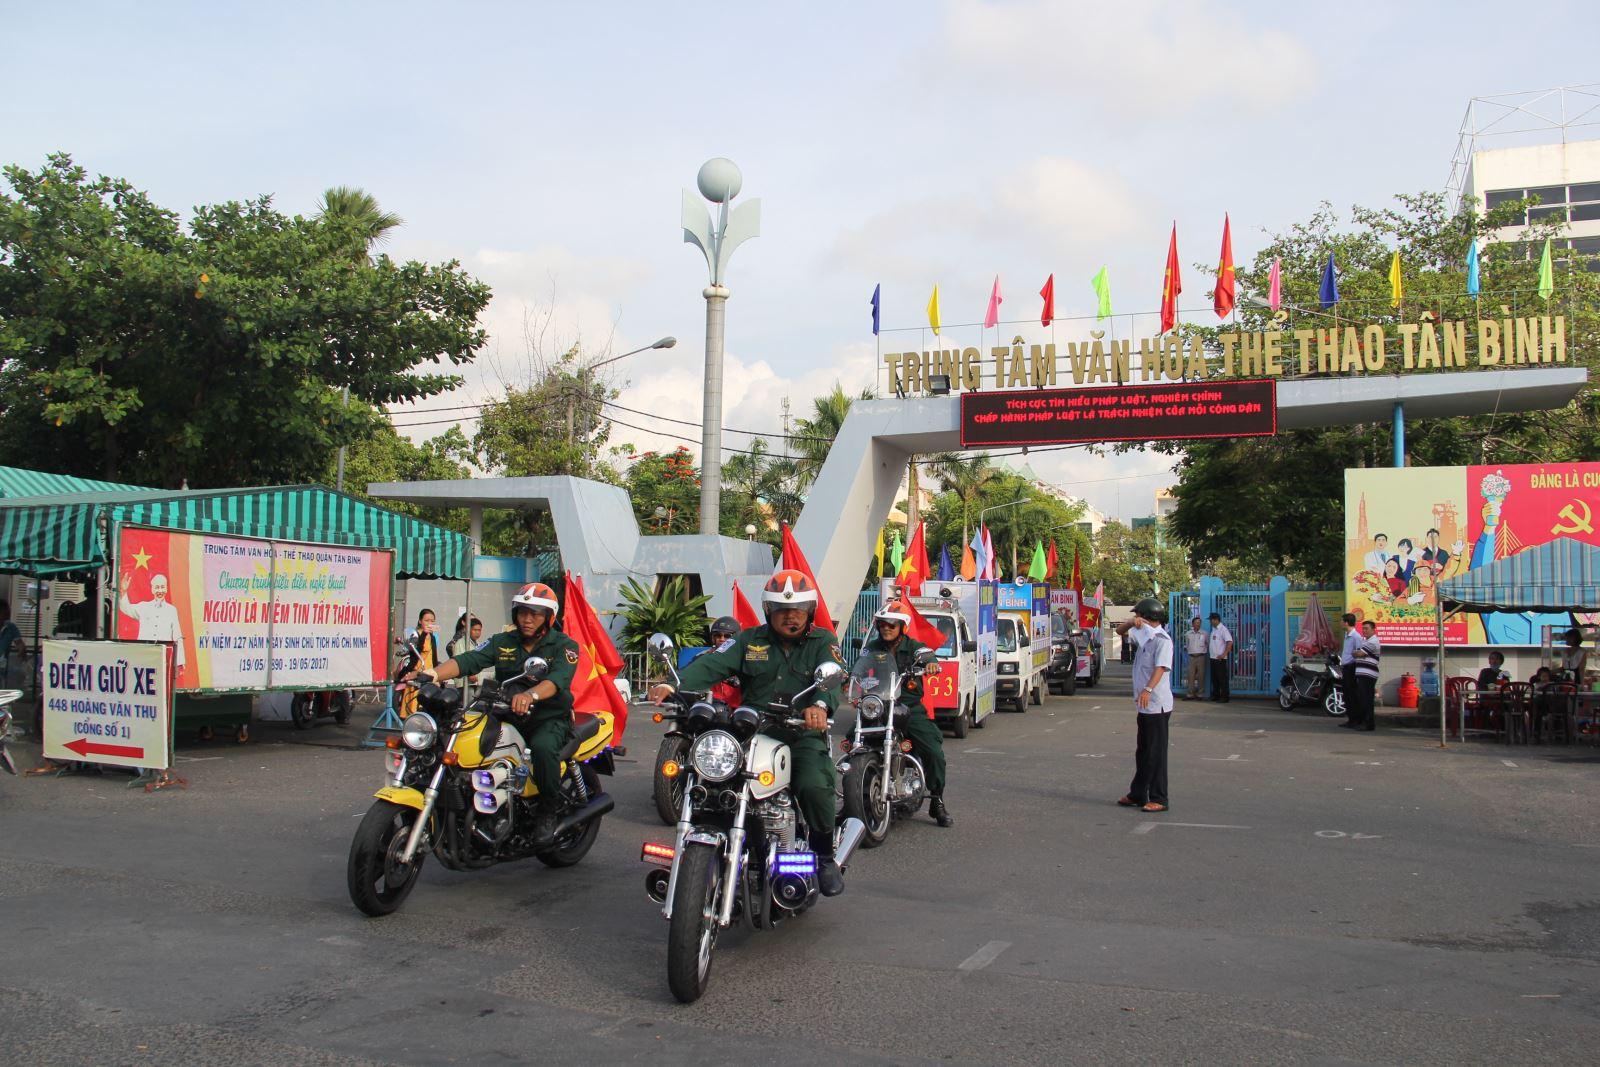 Ra quân tuyên truyền trật tự an toàn giao thông, vệ sinh môi trường tại quận Tân Bình